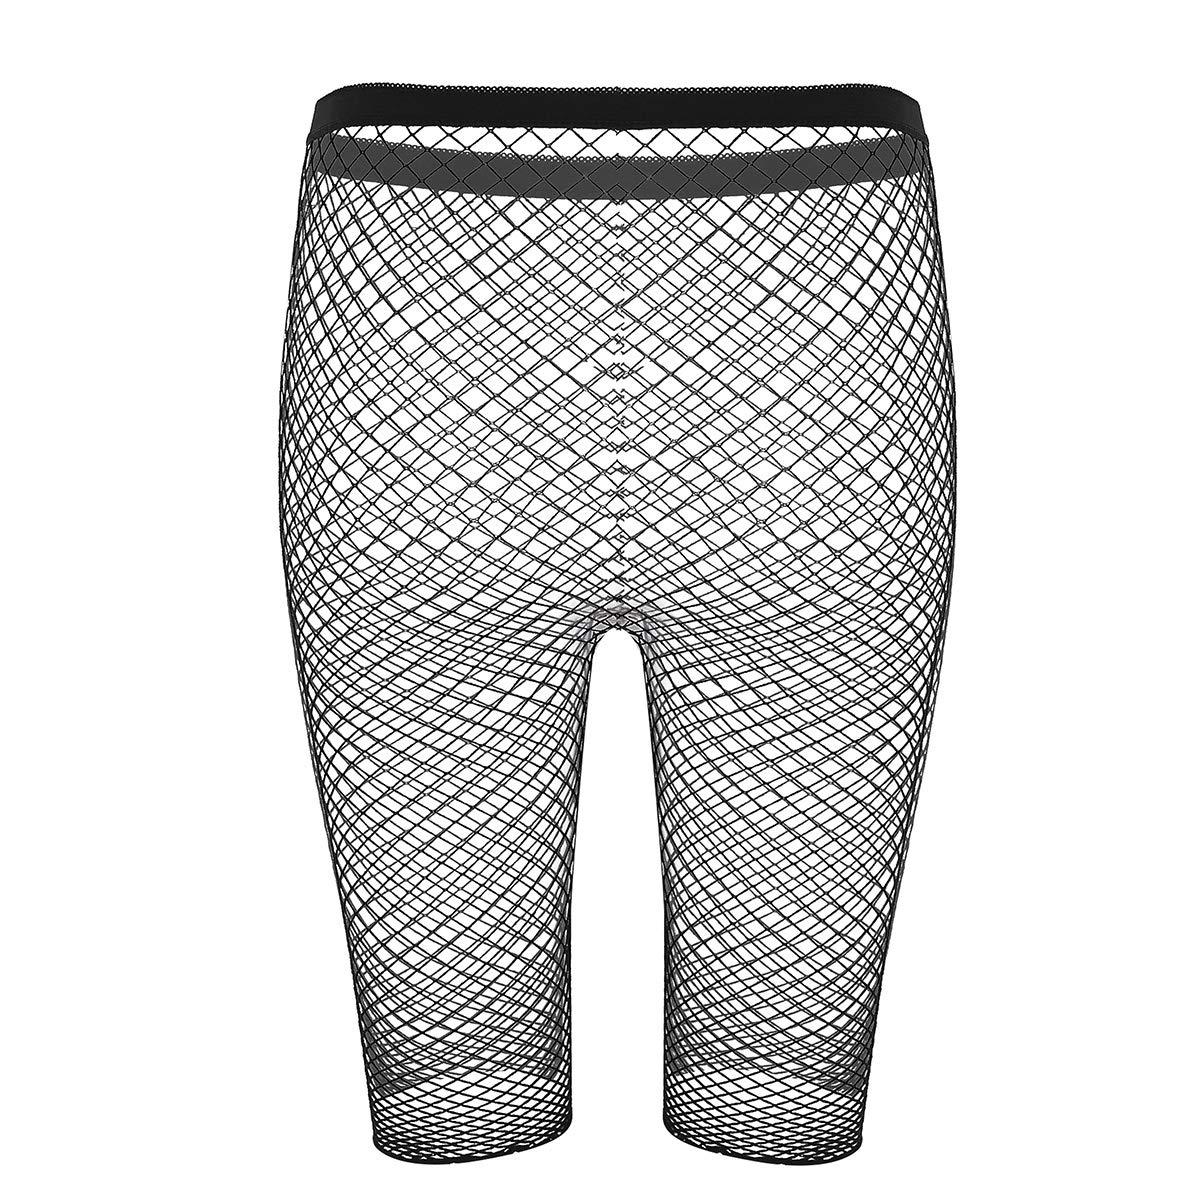 Damen Kunstleder Slip Strümpfen Unterwäsche Reißverschluss offenem Panty Dessous